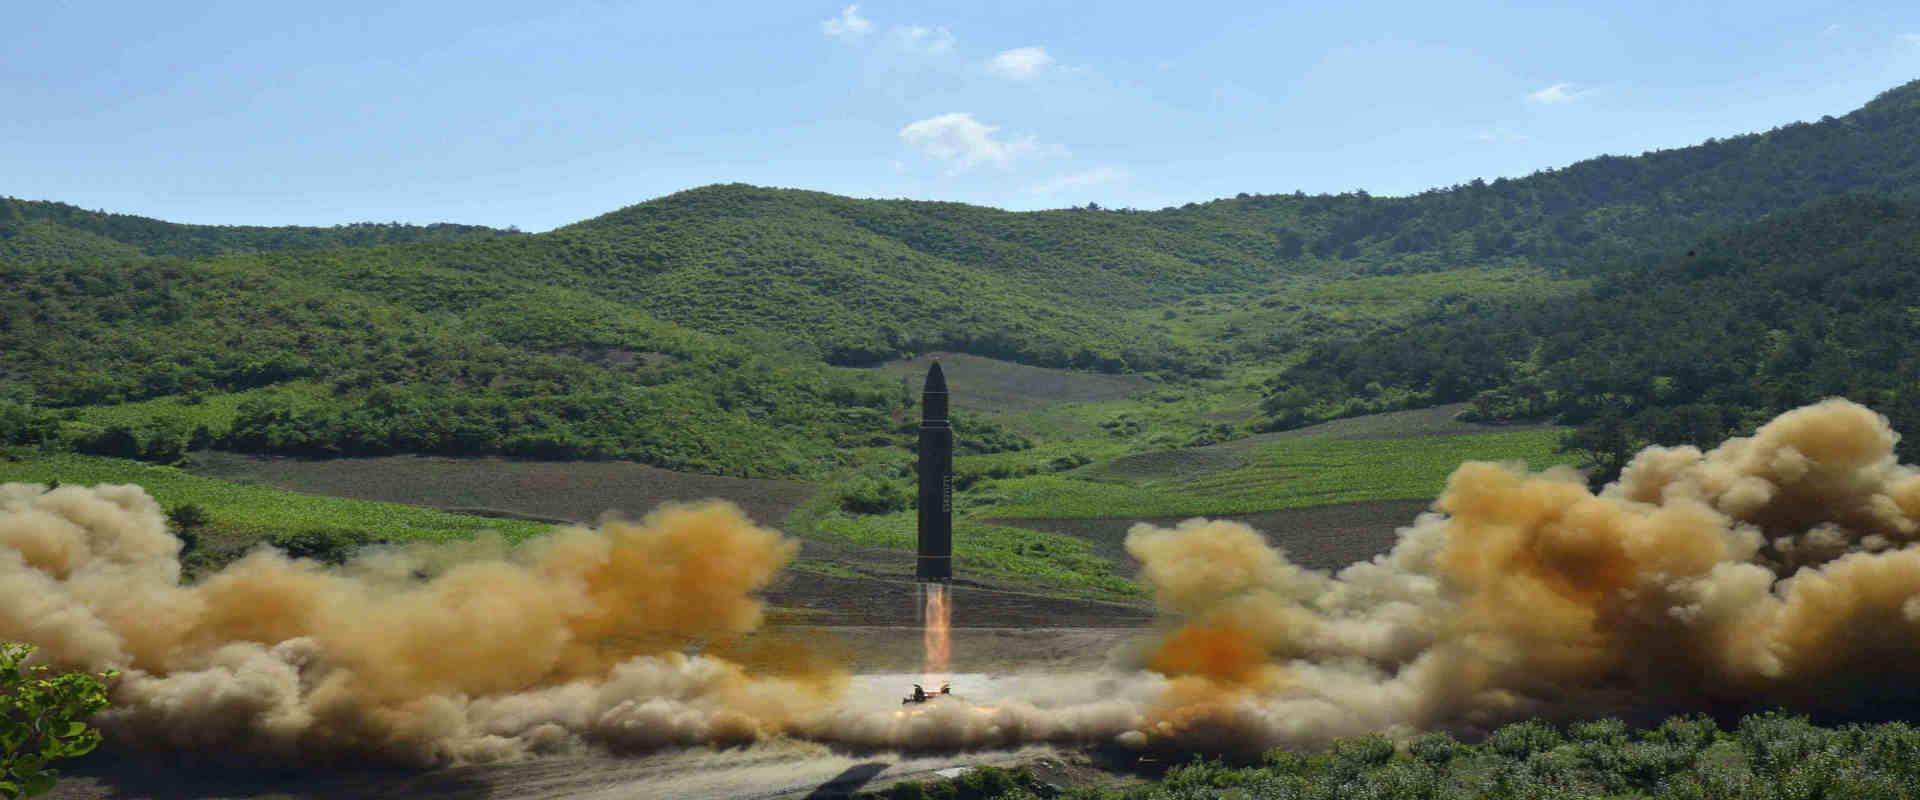 הטיל הצפון קוריאני ששוגר ב-4 ביולי